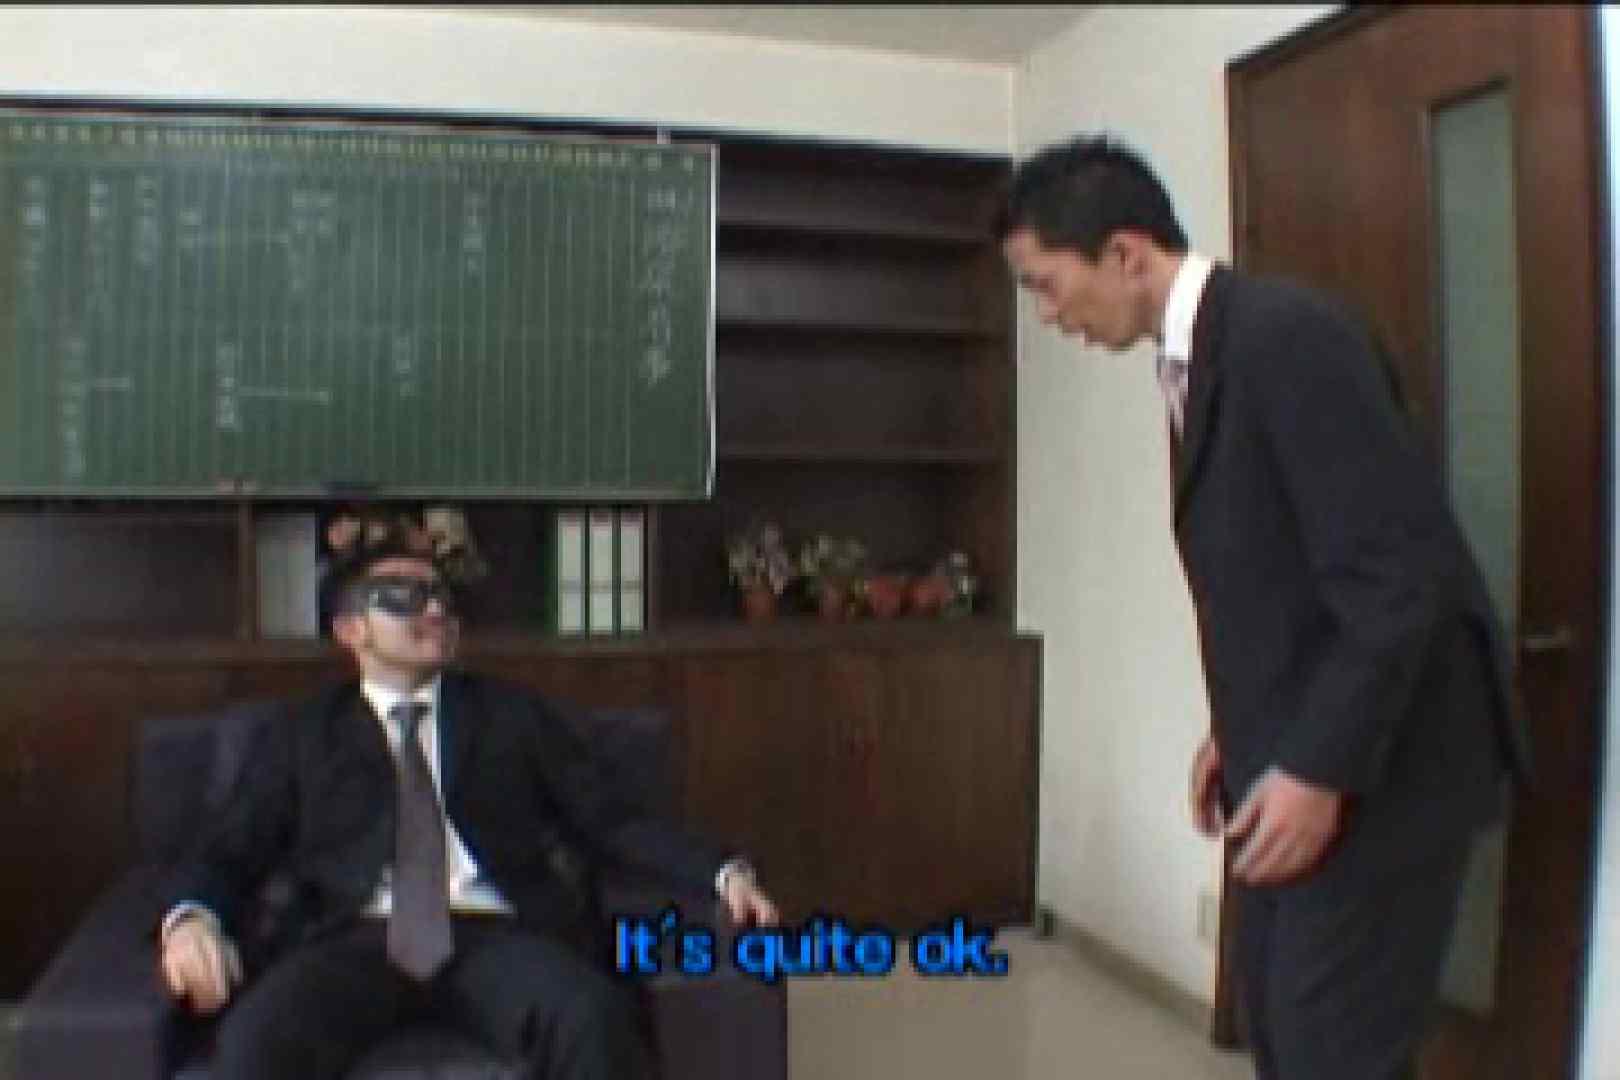 怒涛の集団攻撃!!vol.01 複数乱行プレイ ゲイフリーエロ画像 112pic